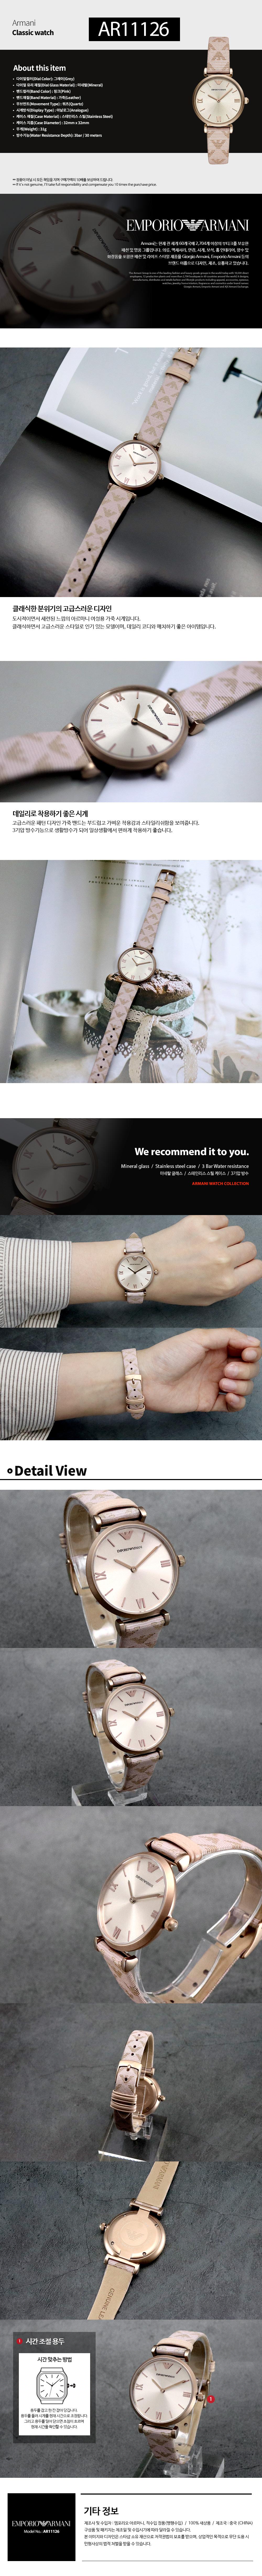 엠포리오 아르마니(EMPORIO ARMANI) AR11126 여성 쿼츠 가죽 시계